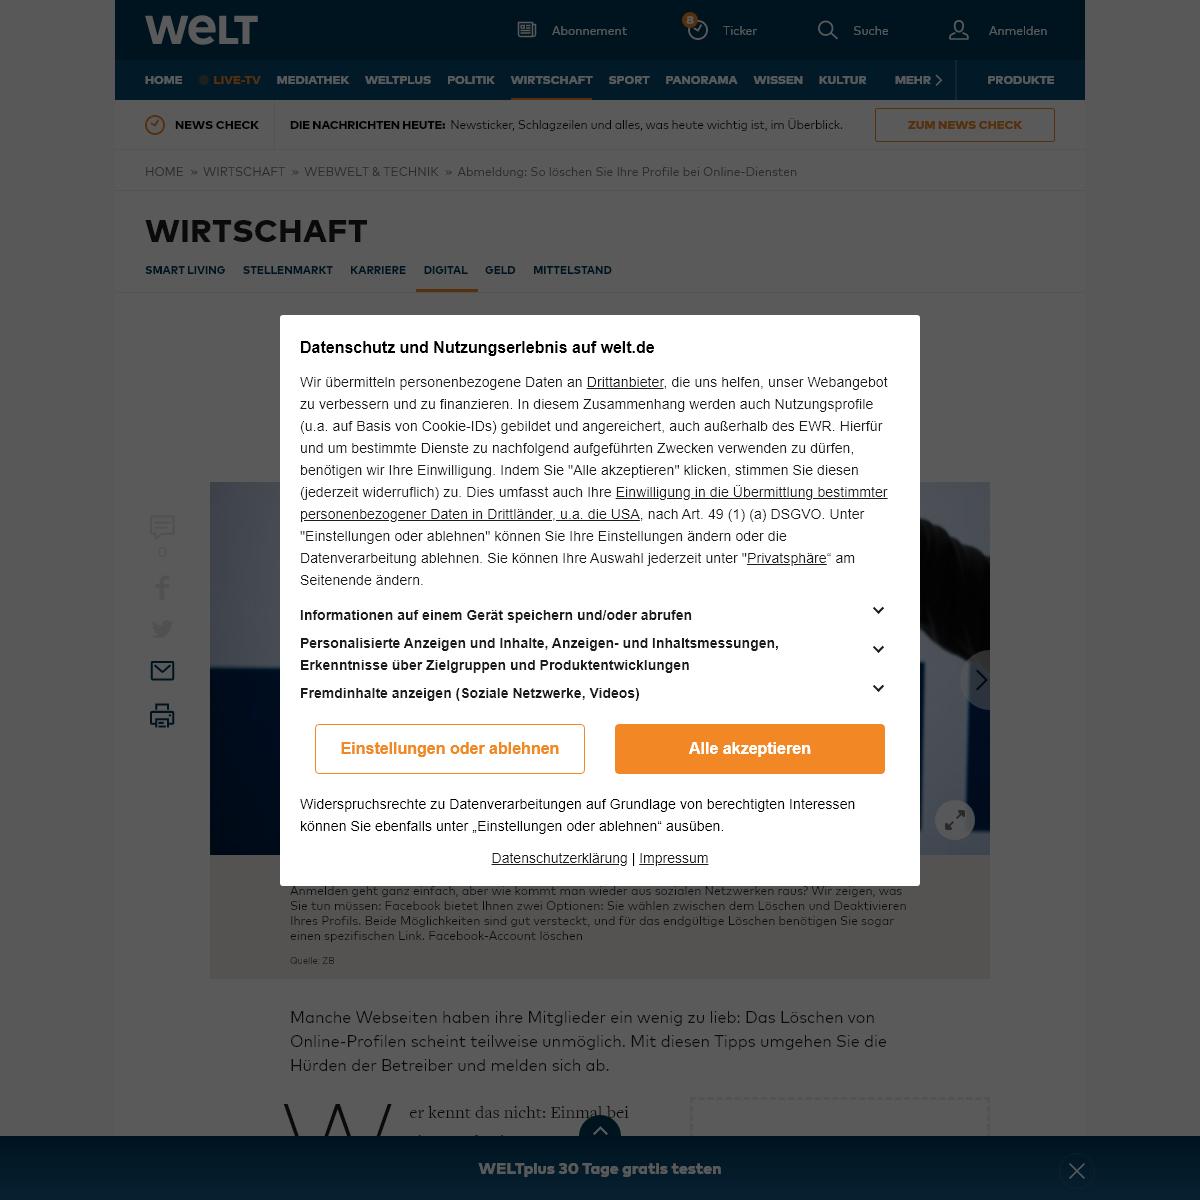 Abmeldung- So löschen Sie Ihre Profile bei Online-Diensten - WELT